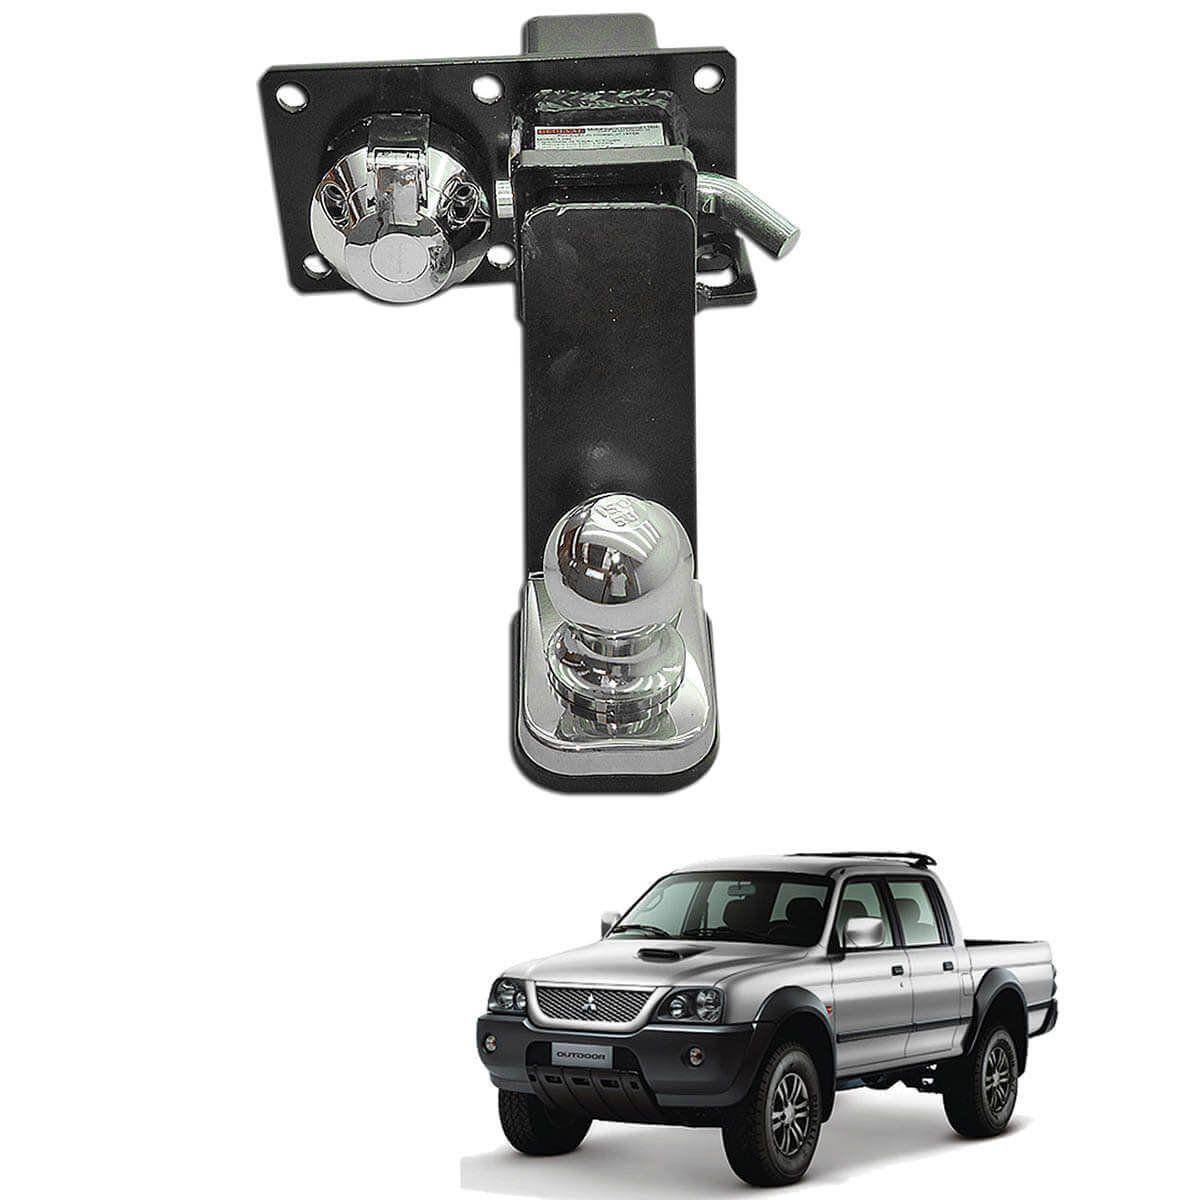 Engate de reboque L200 Sport 2004 a 2007 ou L200 Outdoor 2007 a 2012 Gedeval removível 1500 Kg